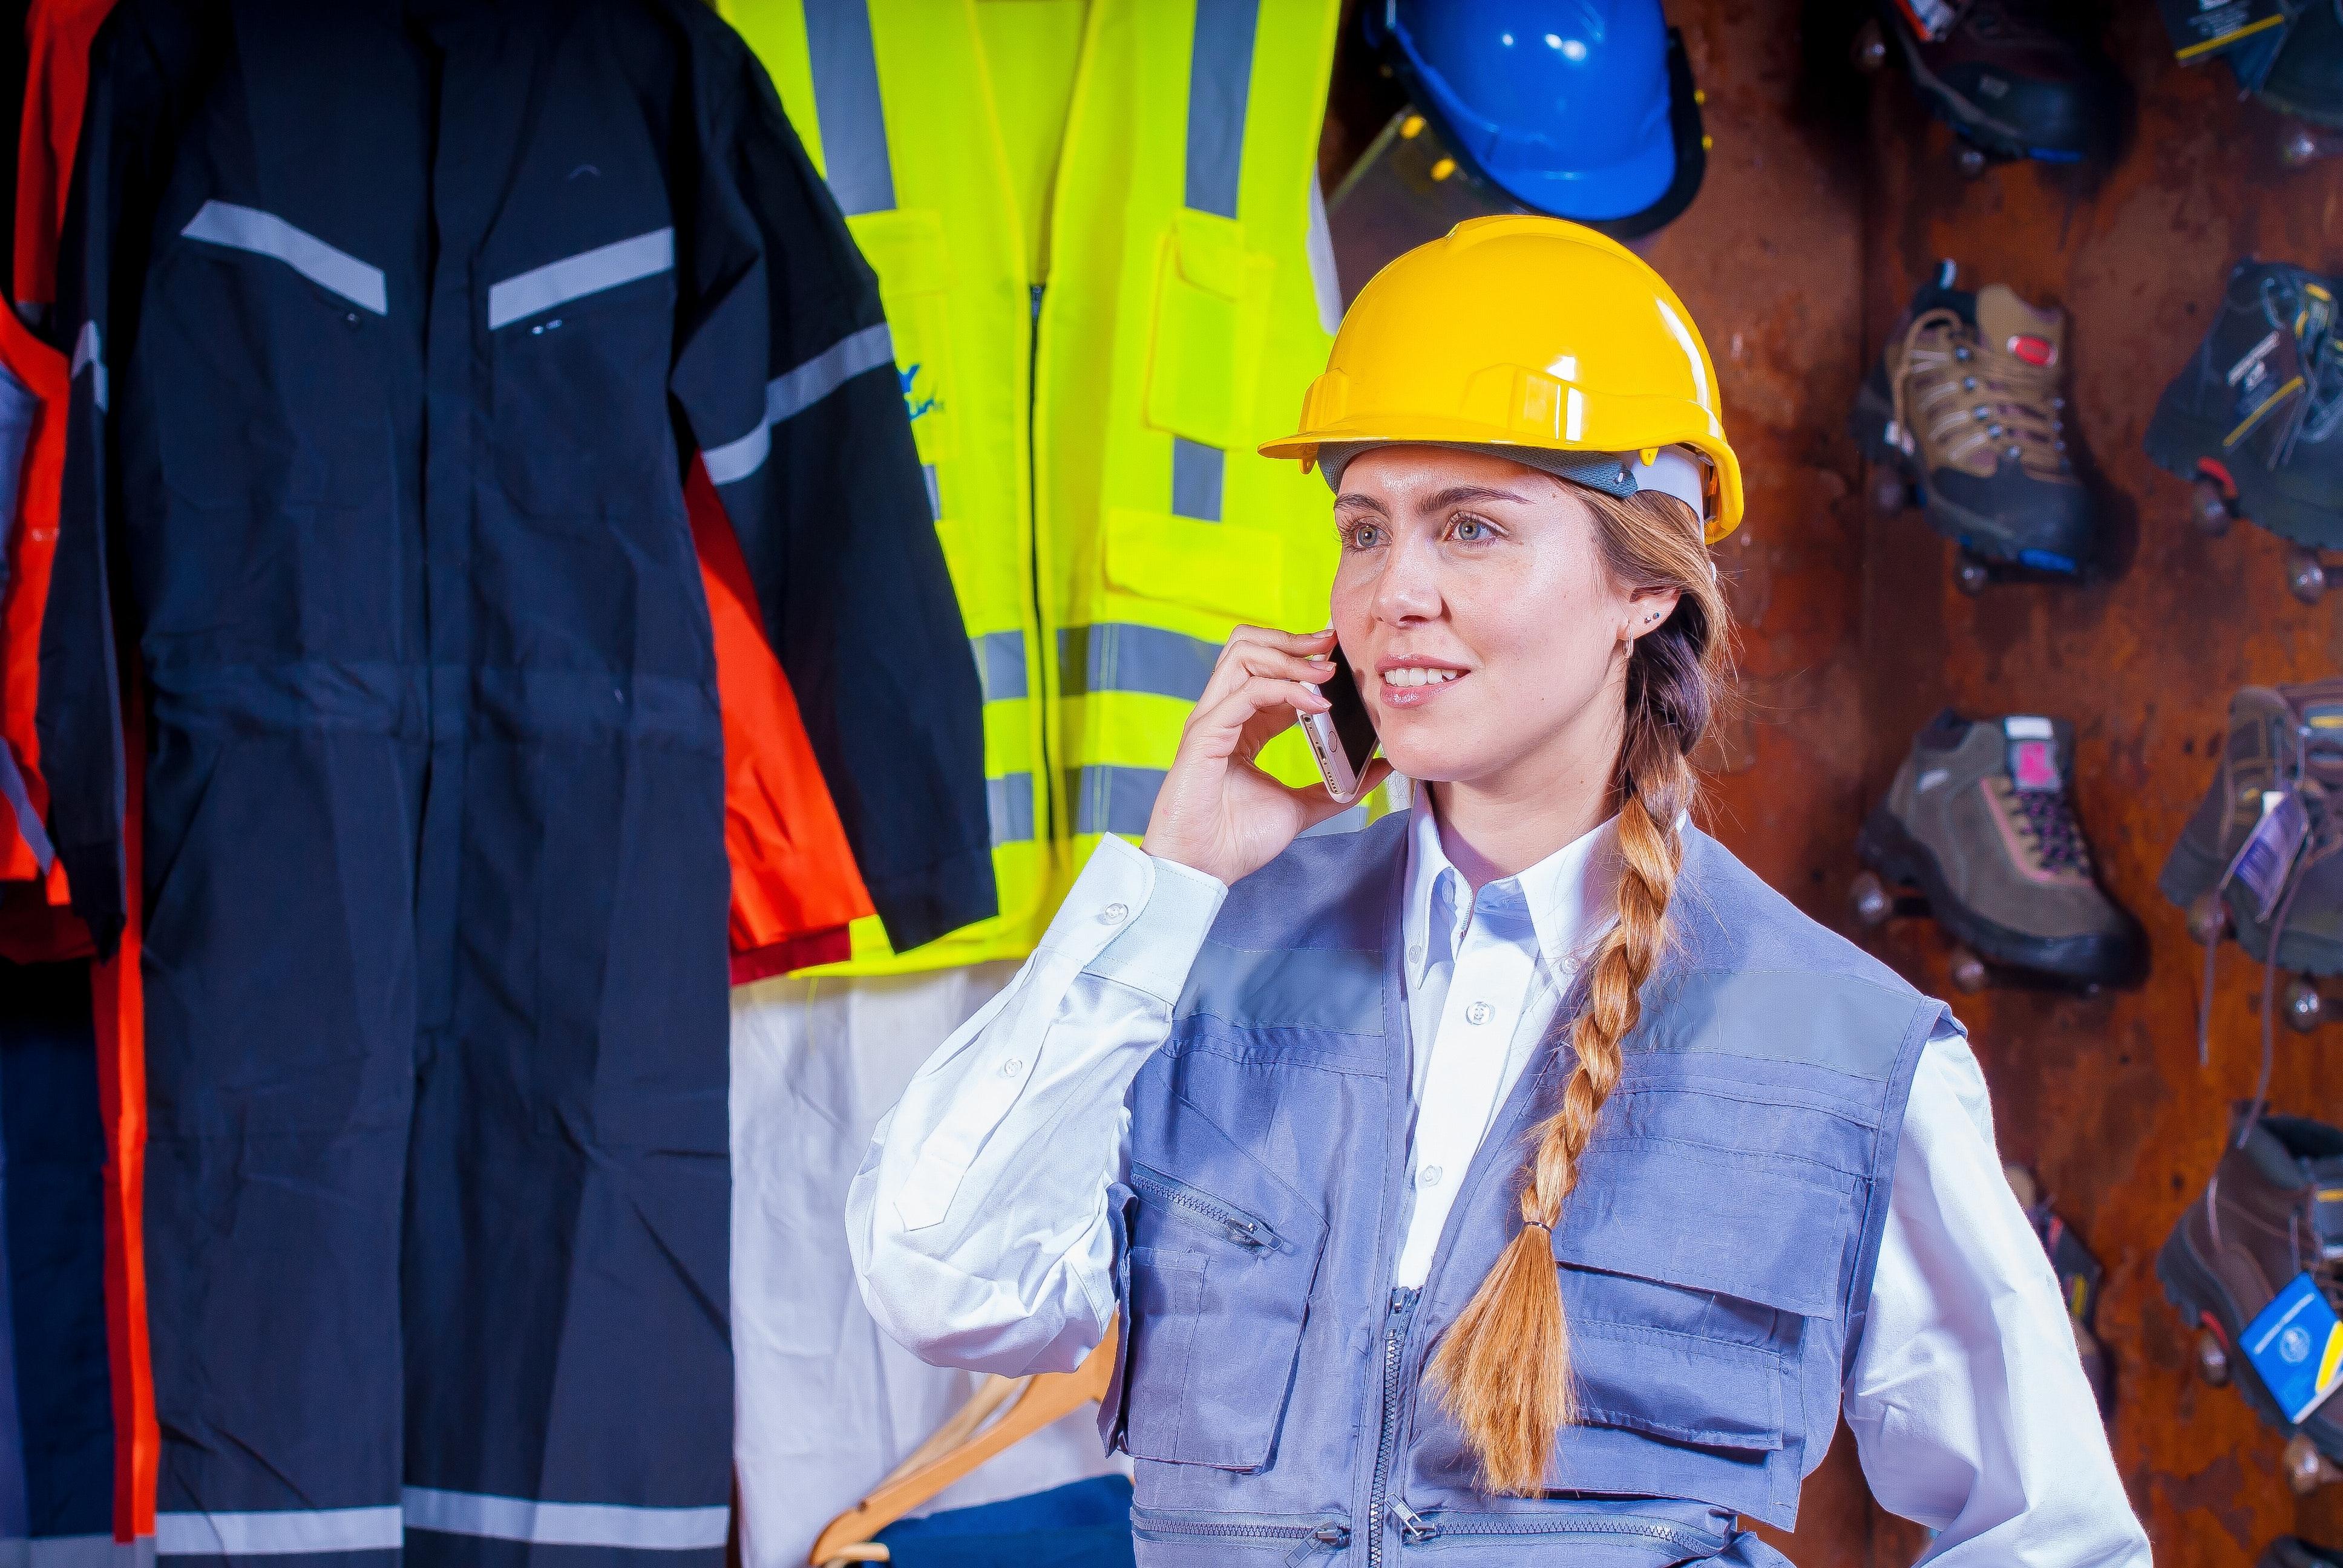 Imagem mostra mulher fazendo uma ligação, ela usa EPI